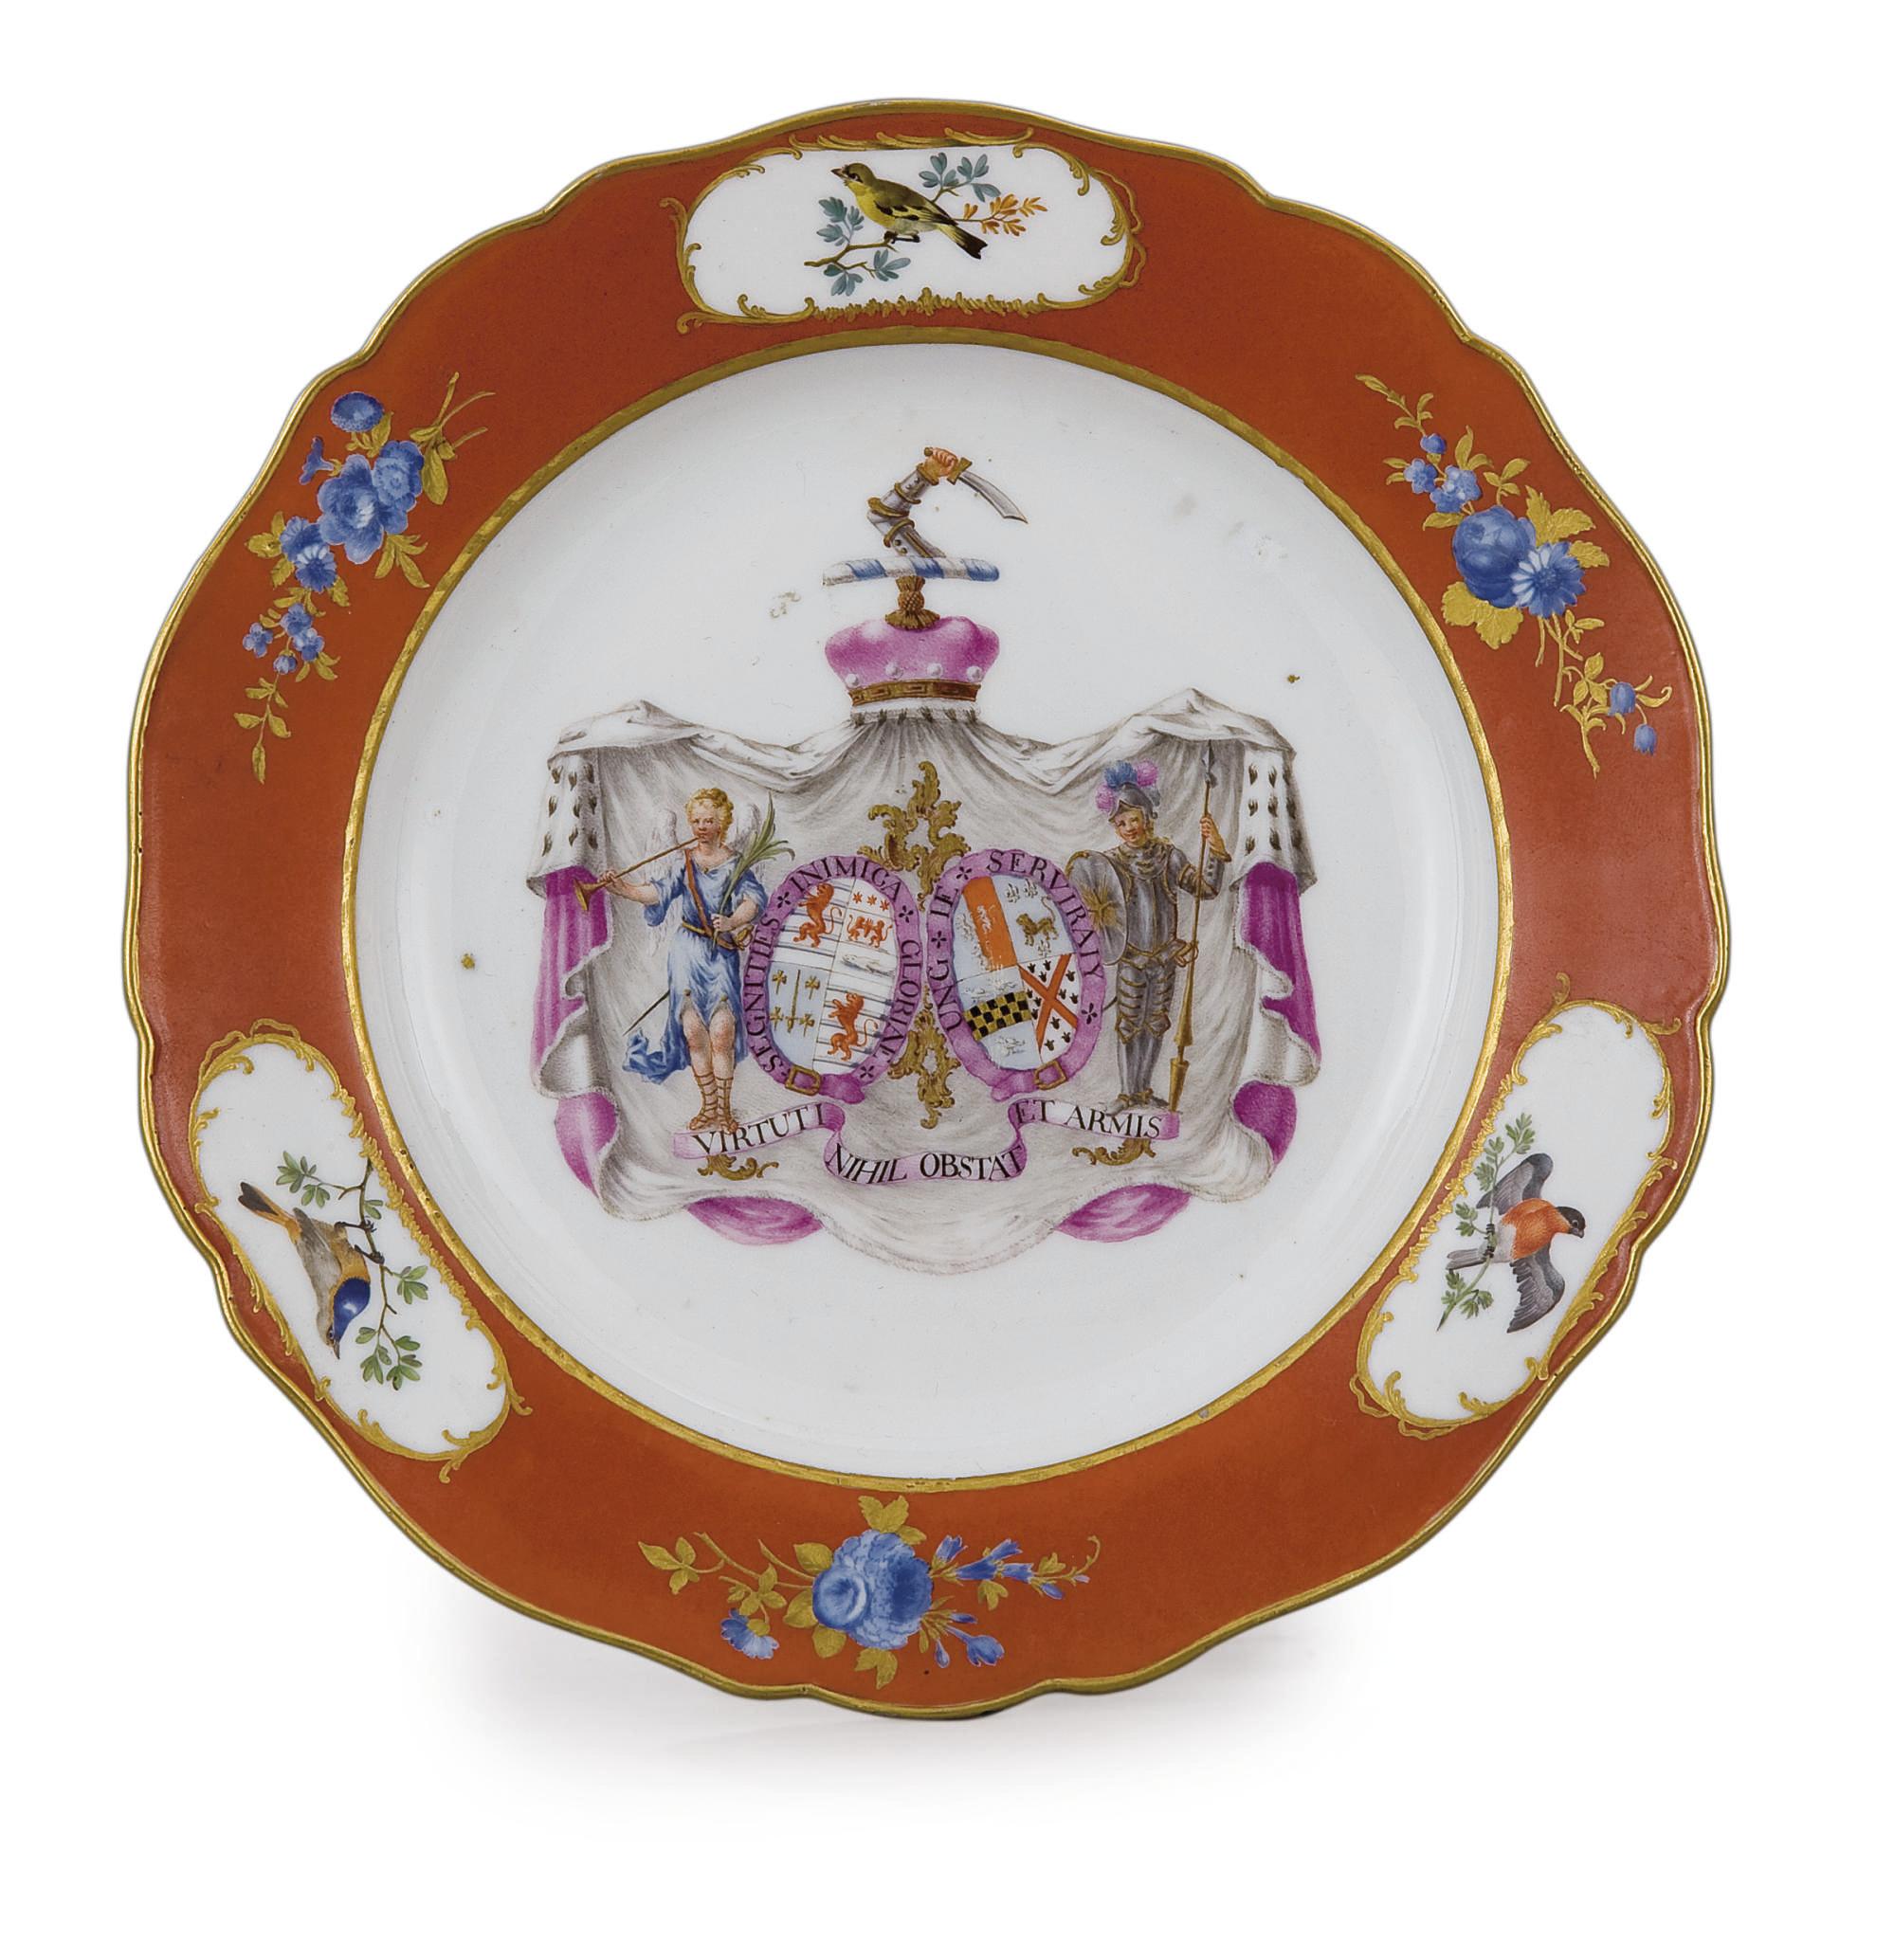 Peinture Sur Porcelaine Assiette assiette armoriee en porcelaine de meissen du xviiieme